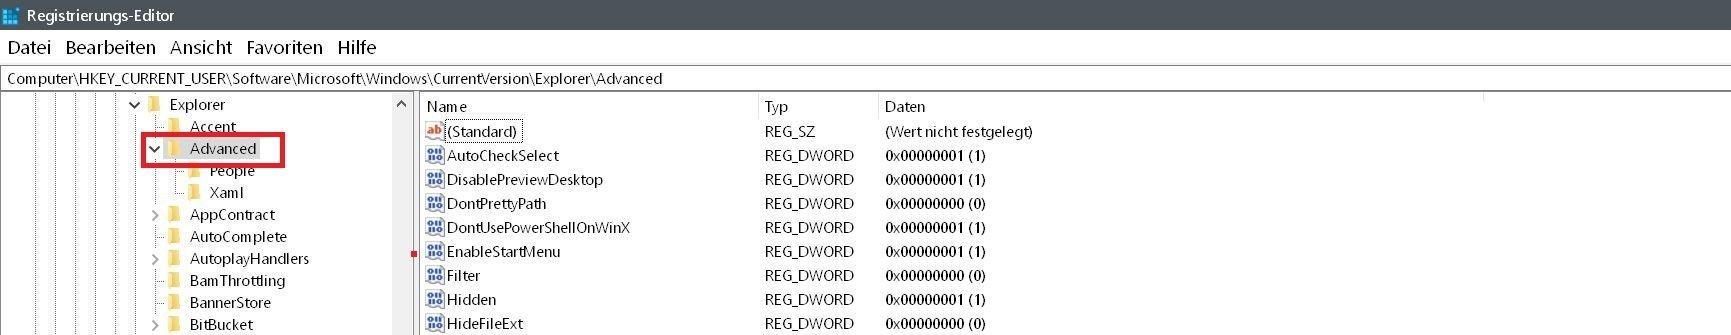 Windows 10 Uhrzeit in der Taskleiste mit Sekundenanzeige 4